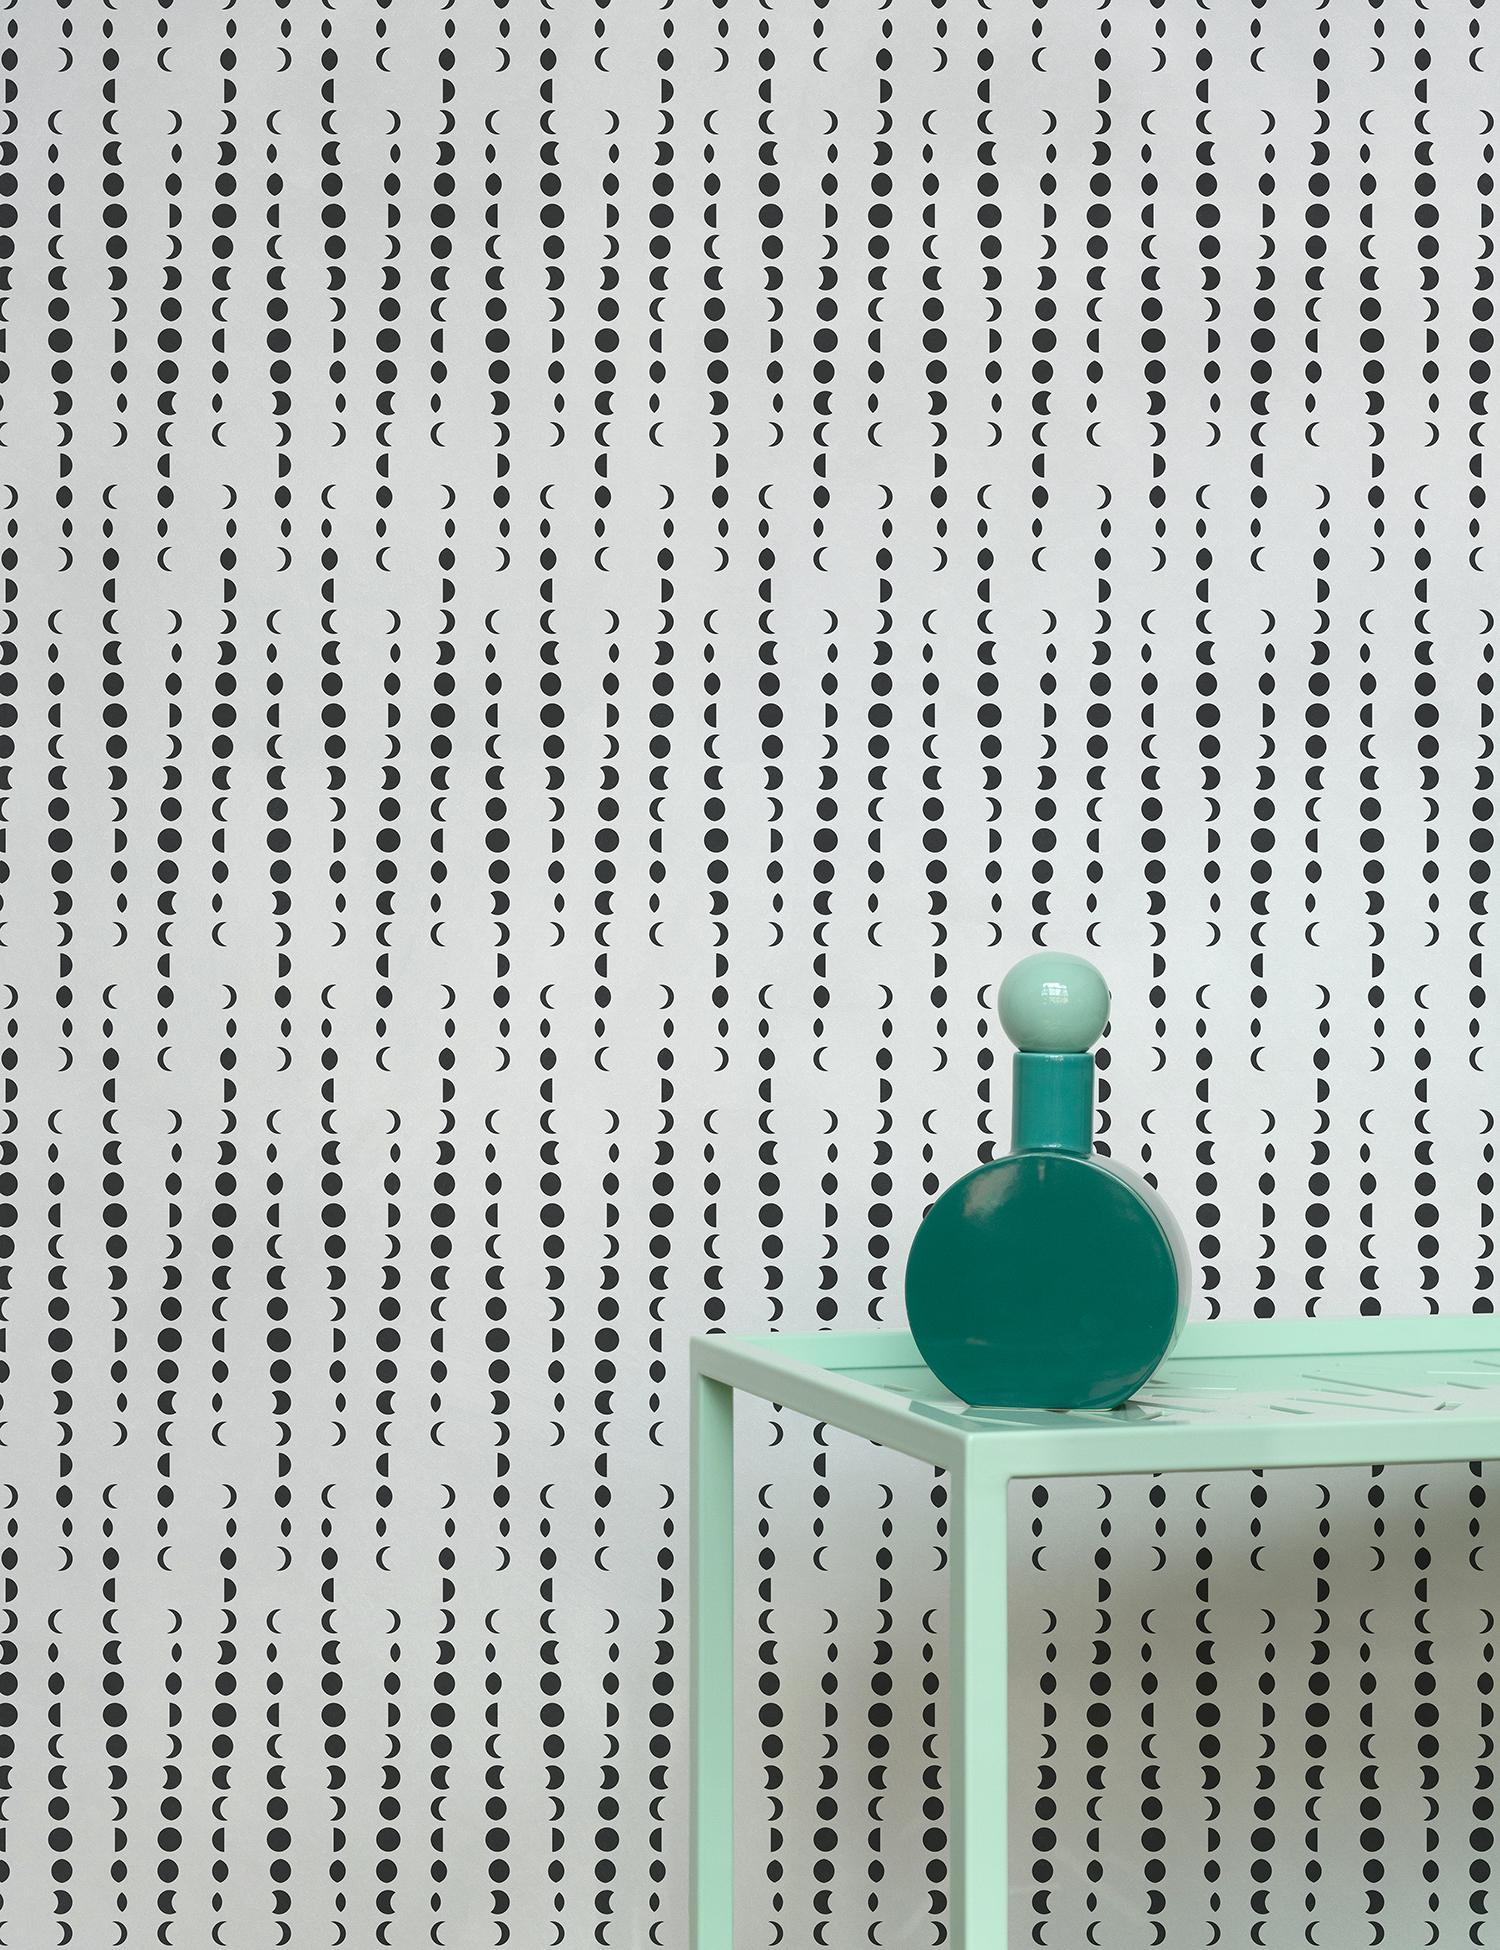 Wallpaper_Earthlight_Invert_Web_02.jpg